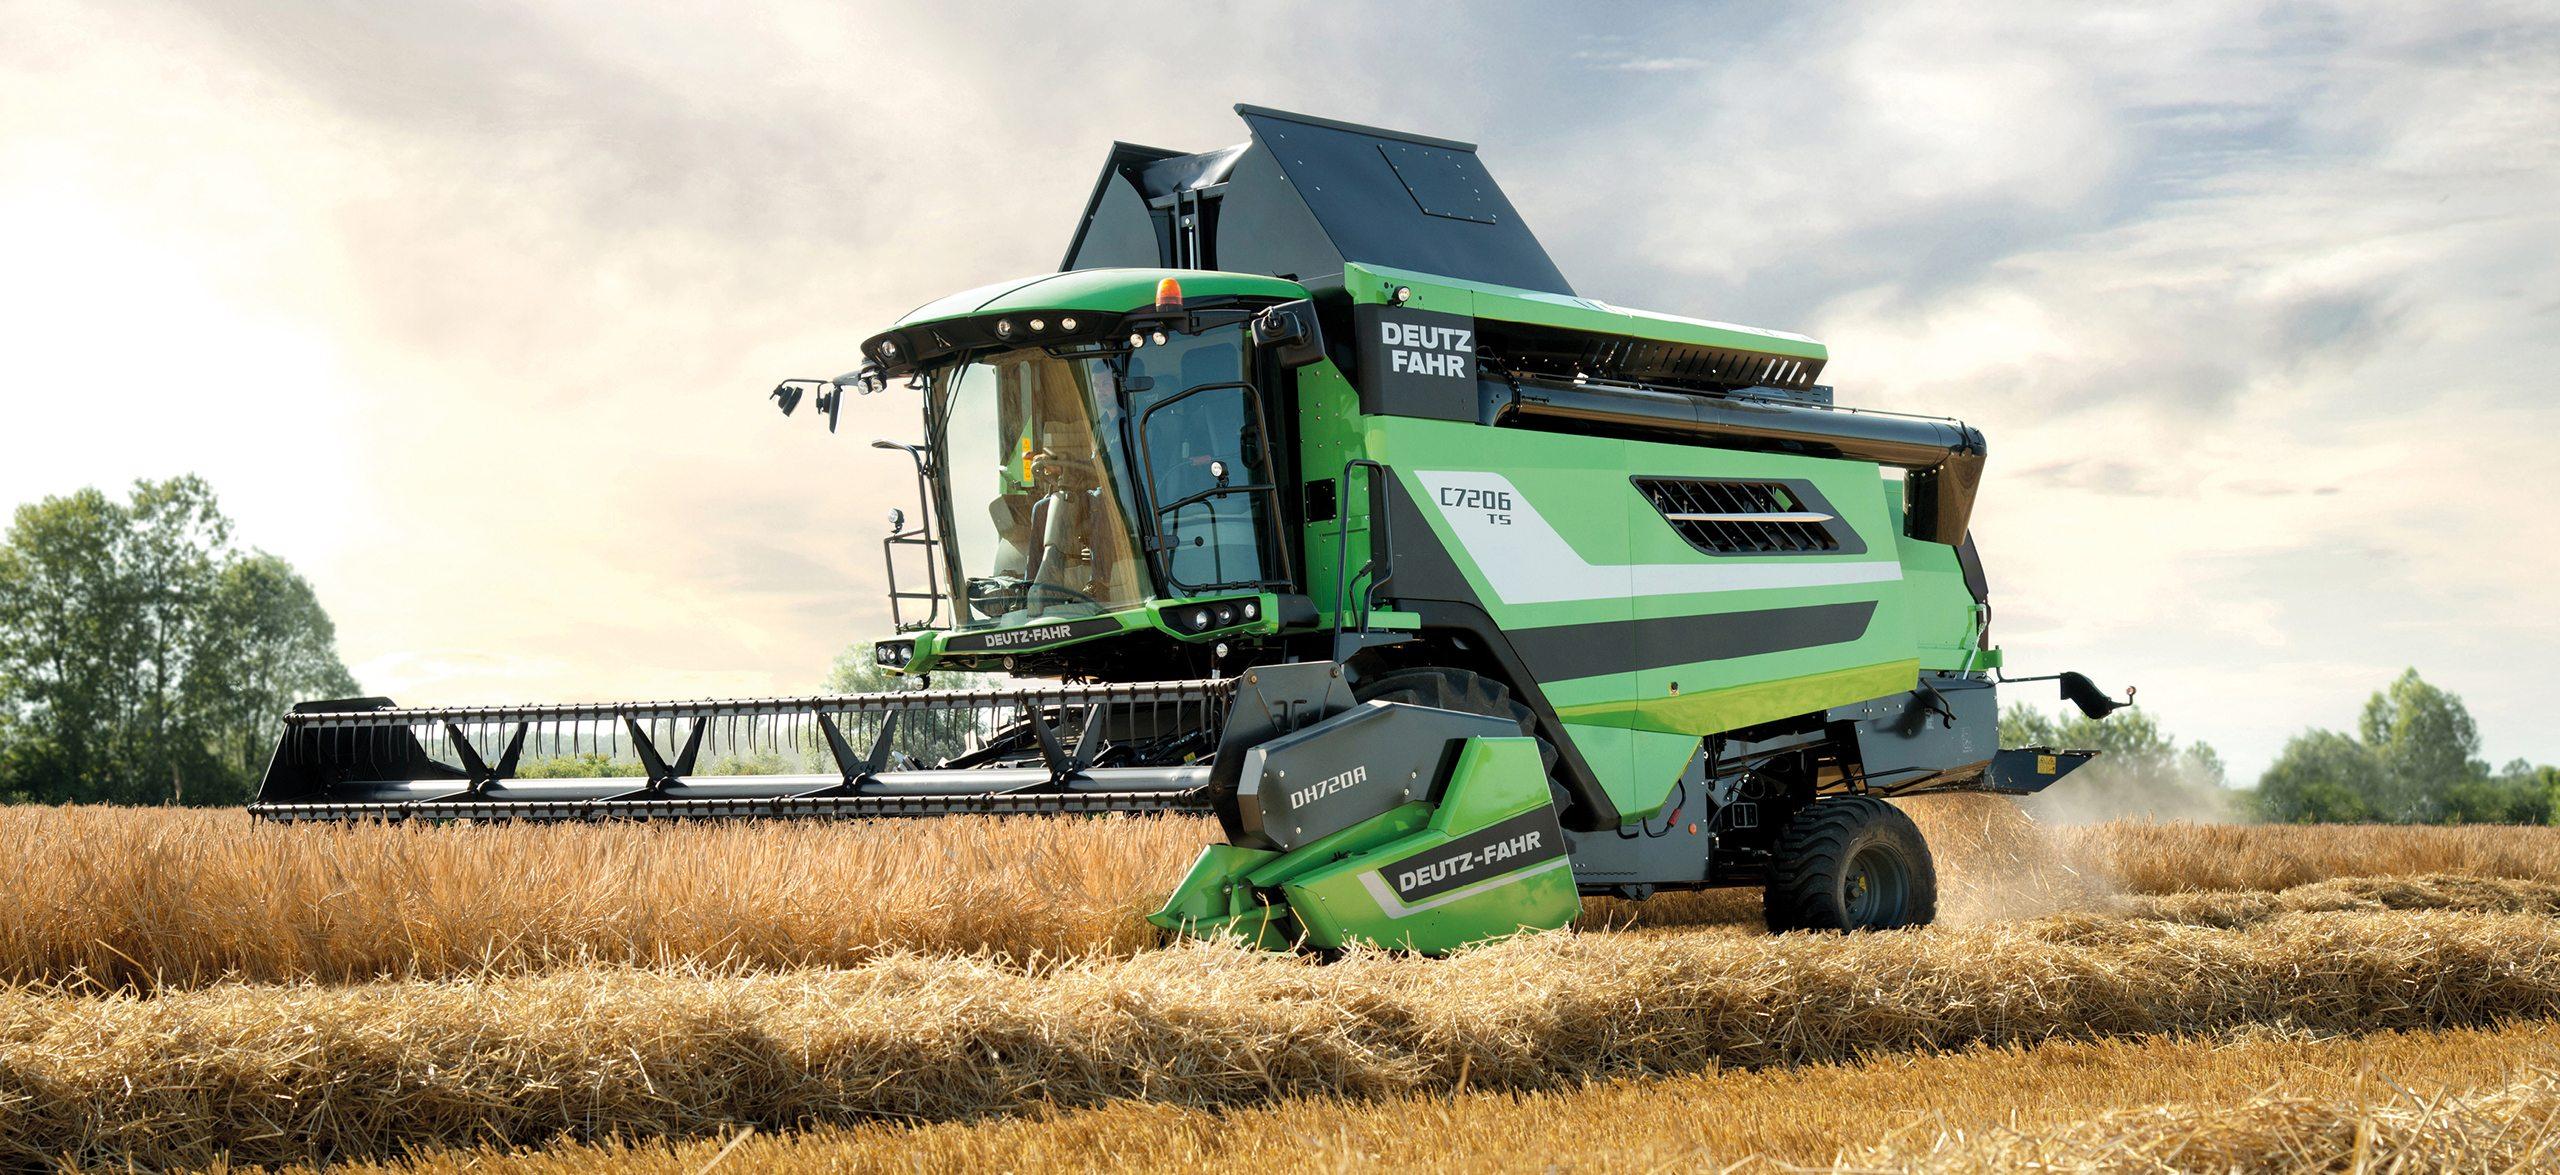 Produktiver Deutz-Fahr Mähdrescher der Serie C700 auf dem Getreidfeld